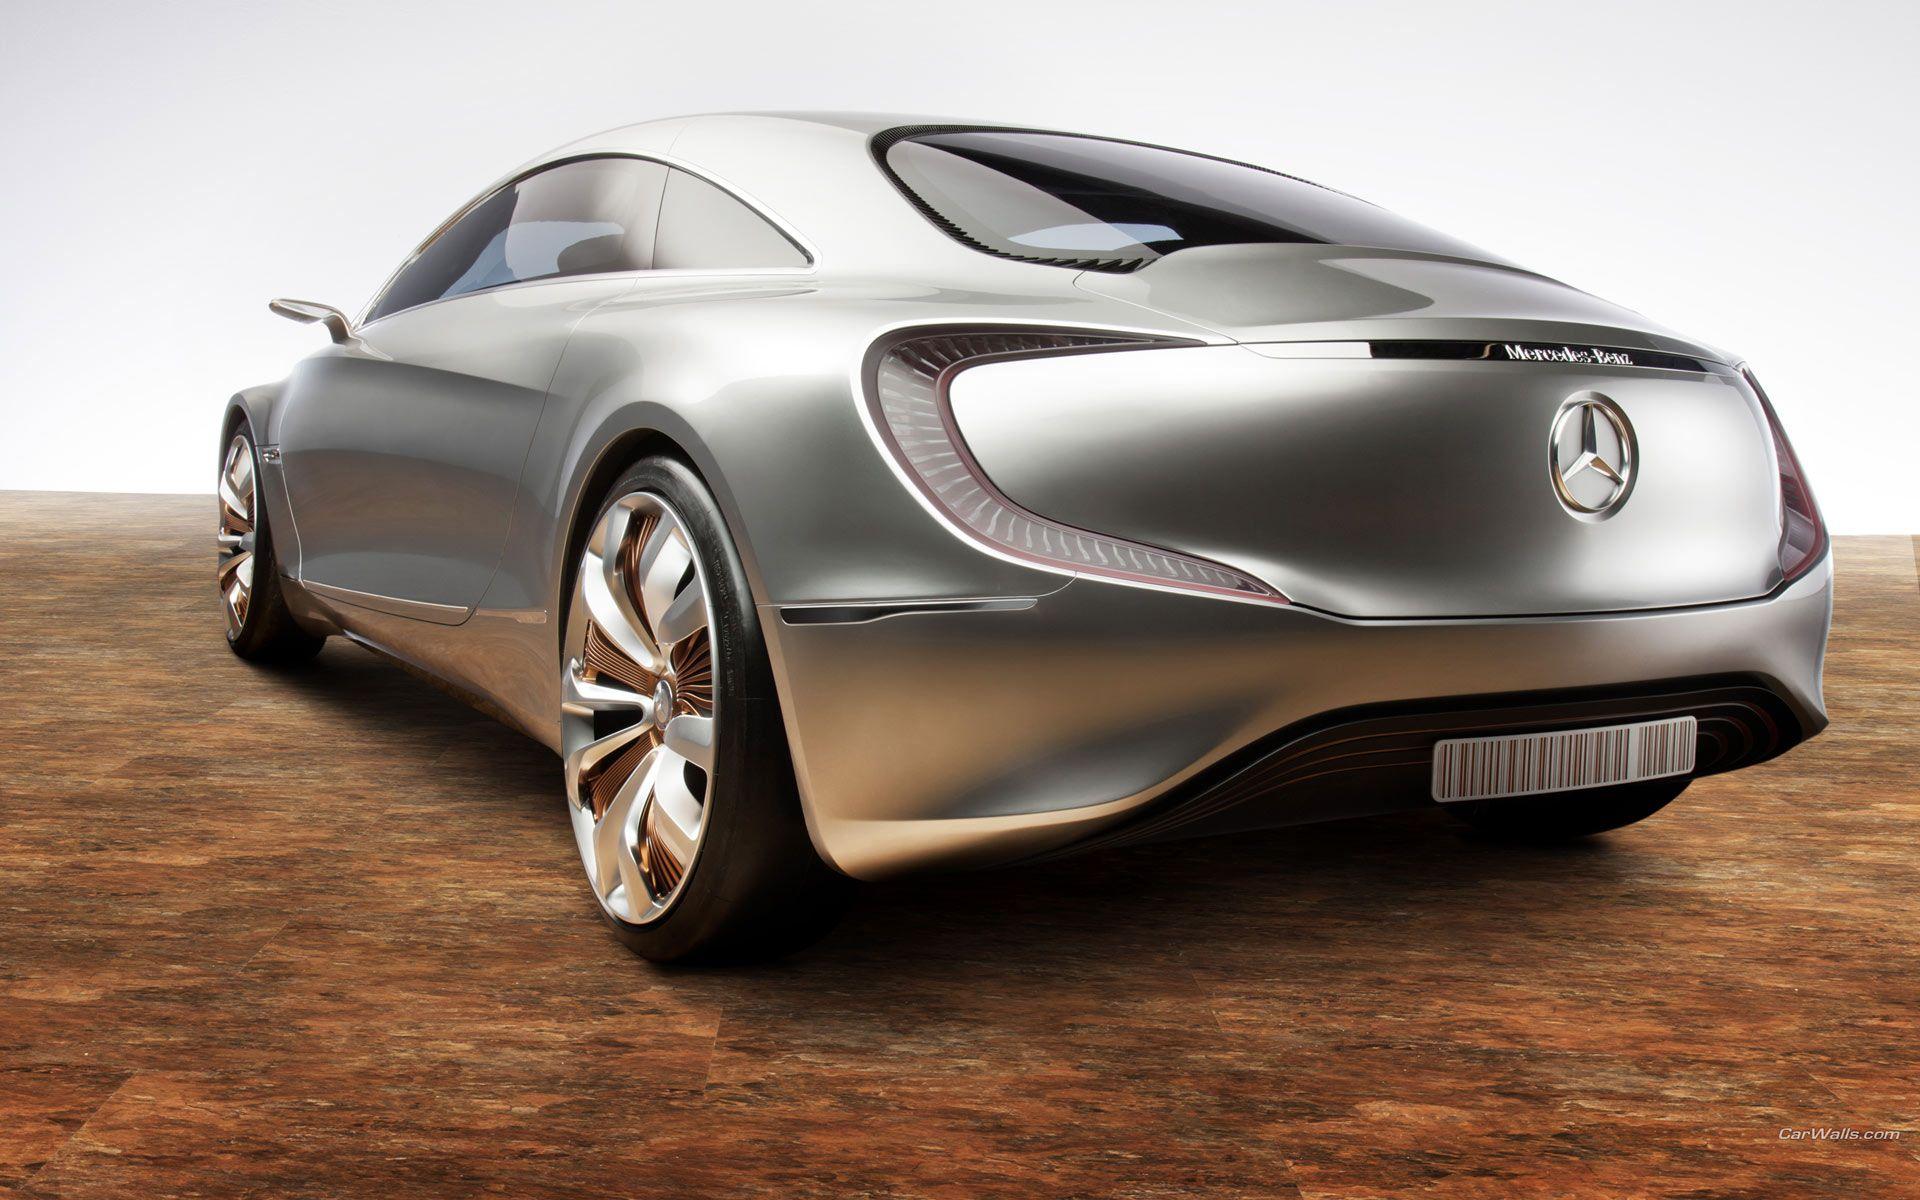 Mercedes Benz F 125 Concept 1920 X 1200 Wallpaper Concept Cars